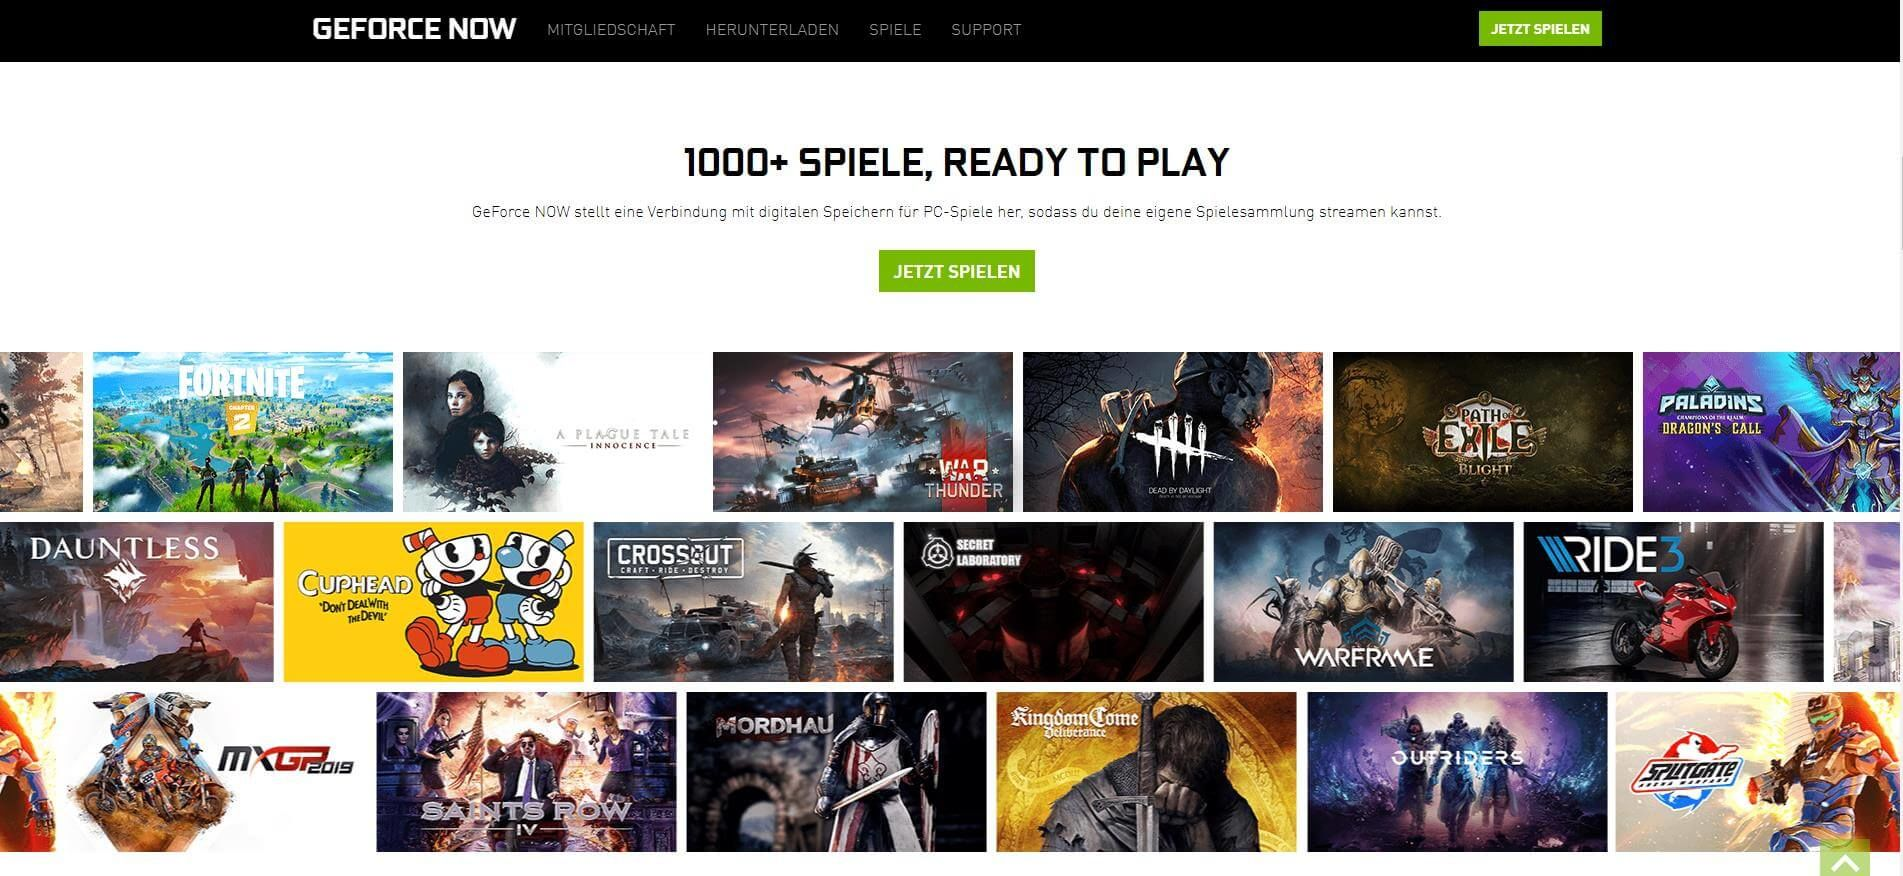 GeForce Now Spiele